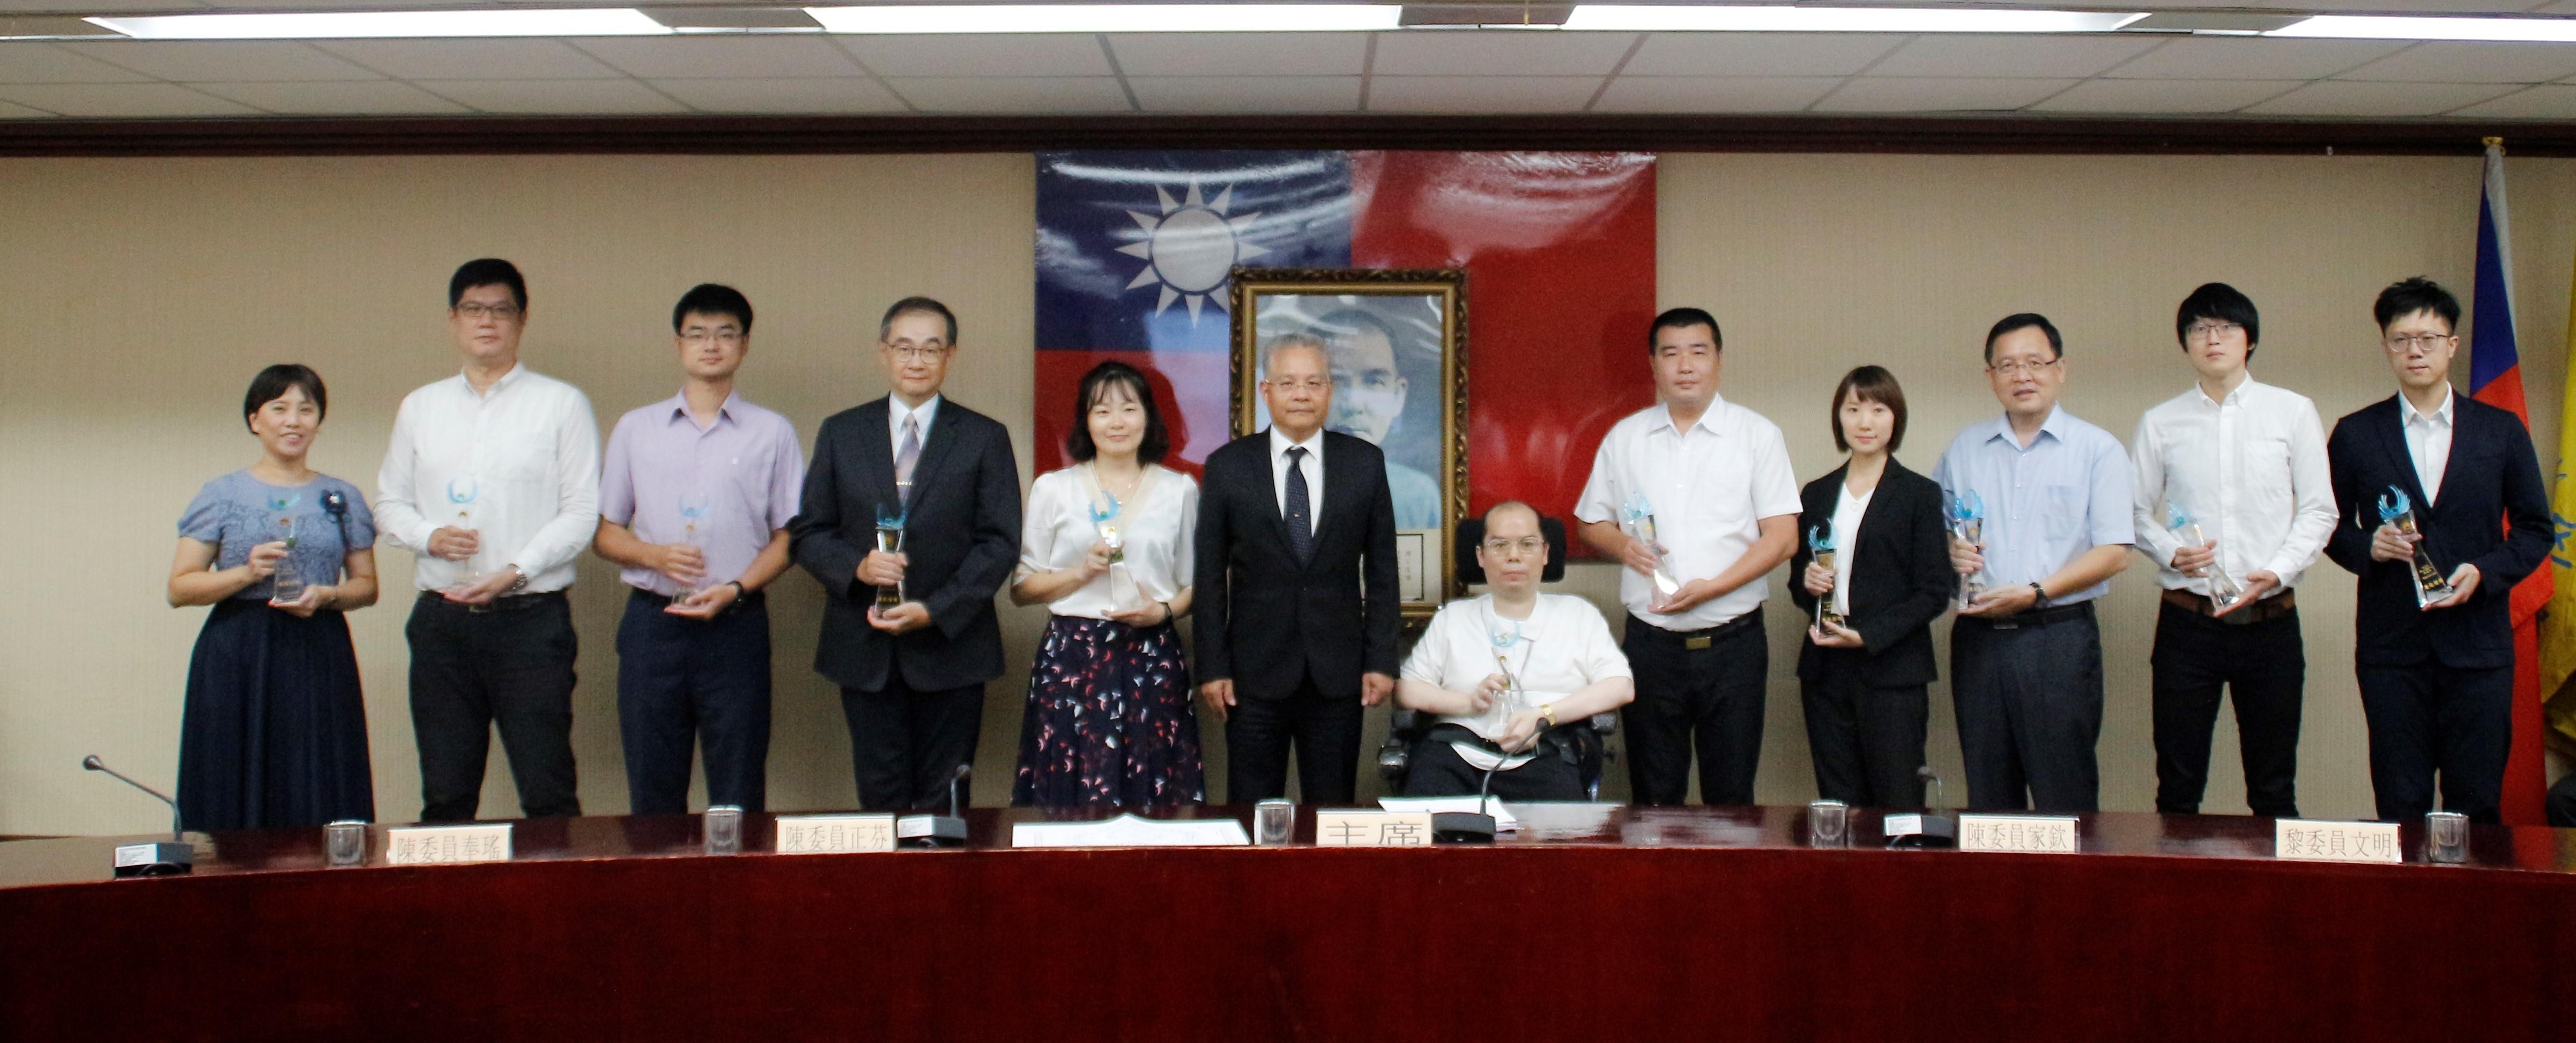 內政部主任秘書陳茂春(左)頒發獎座給11位廉能公務員